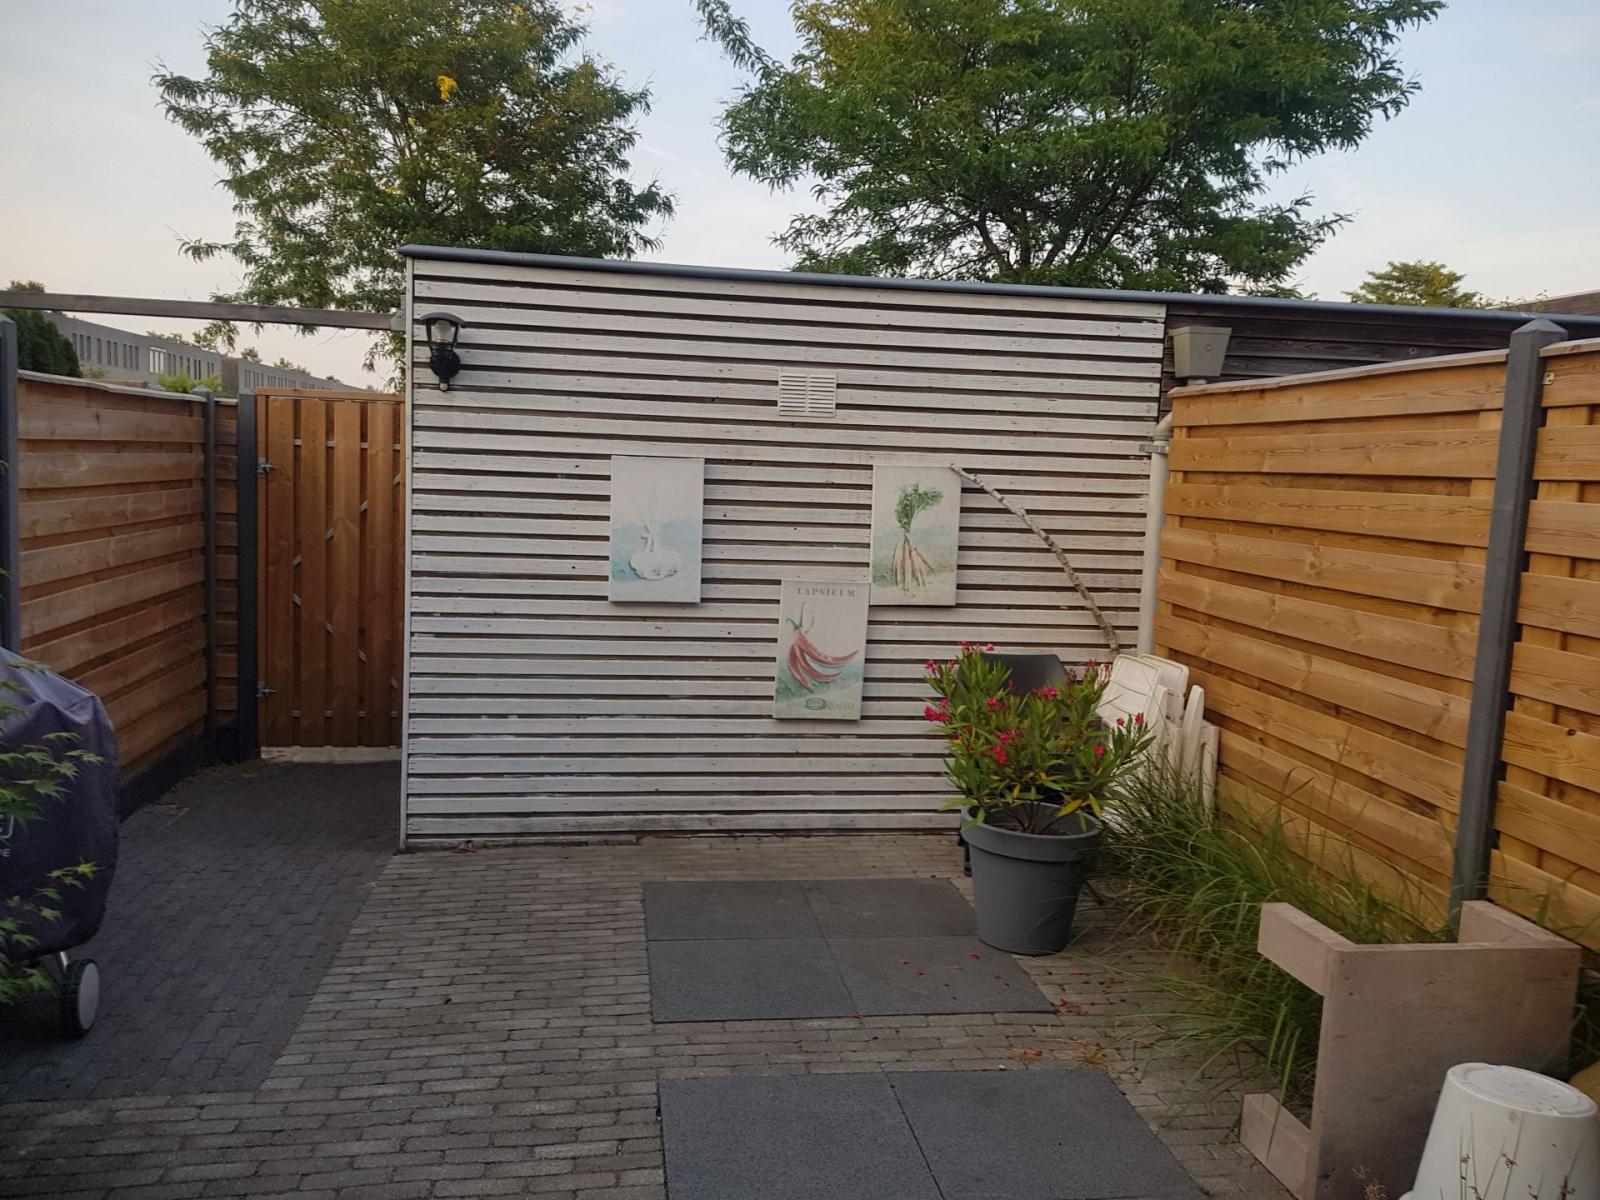 Hoveniersbedrijf Isidorus Hoeve Kleine tuin modern vooraanleg